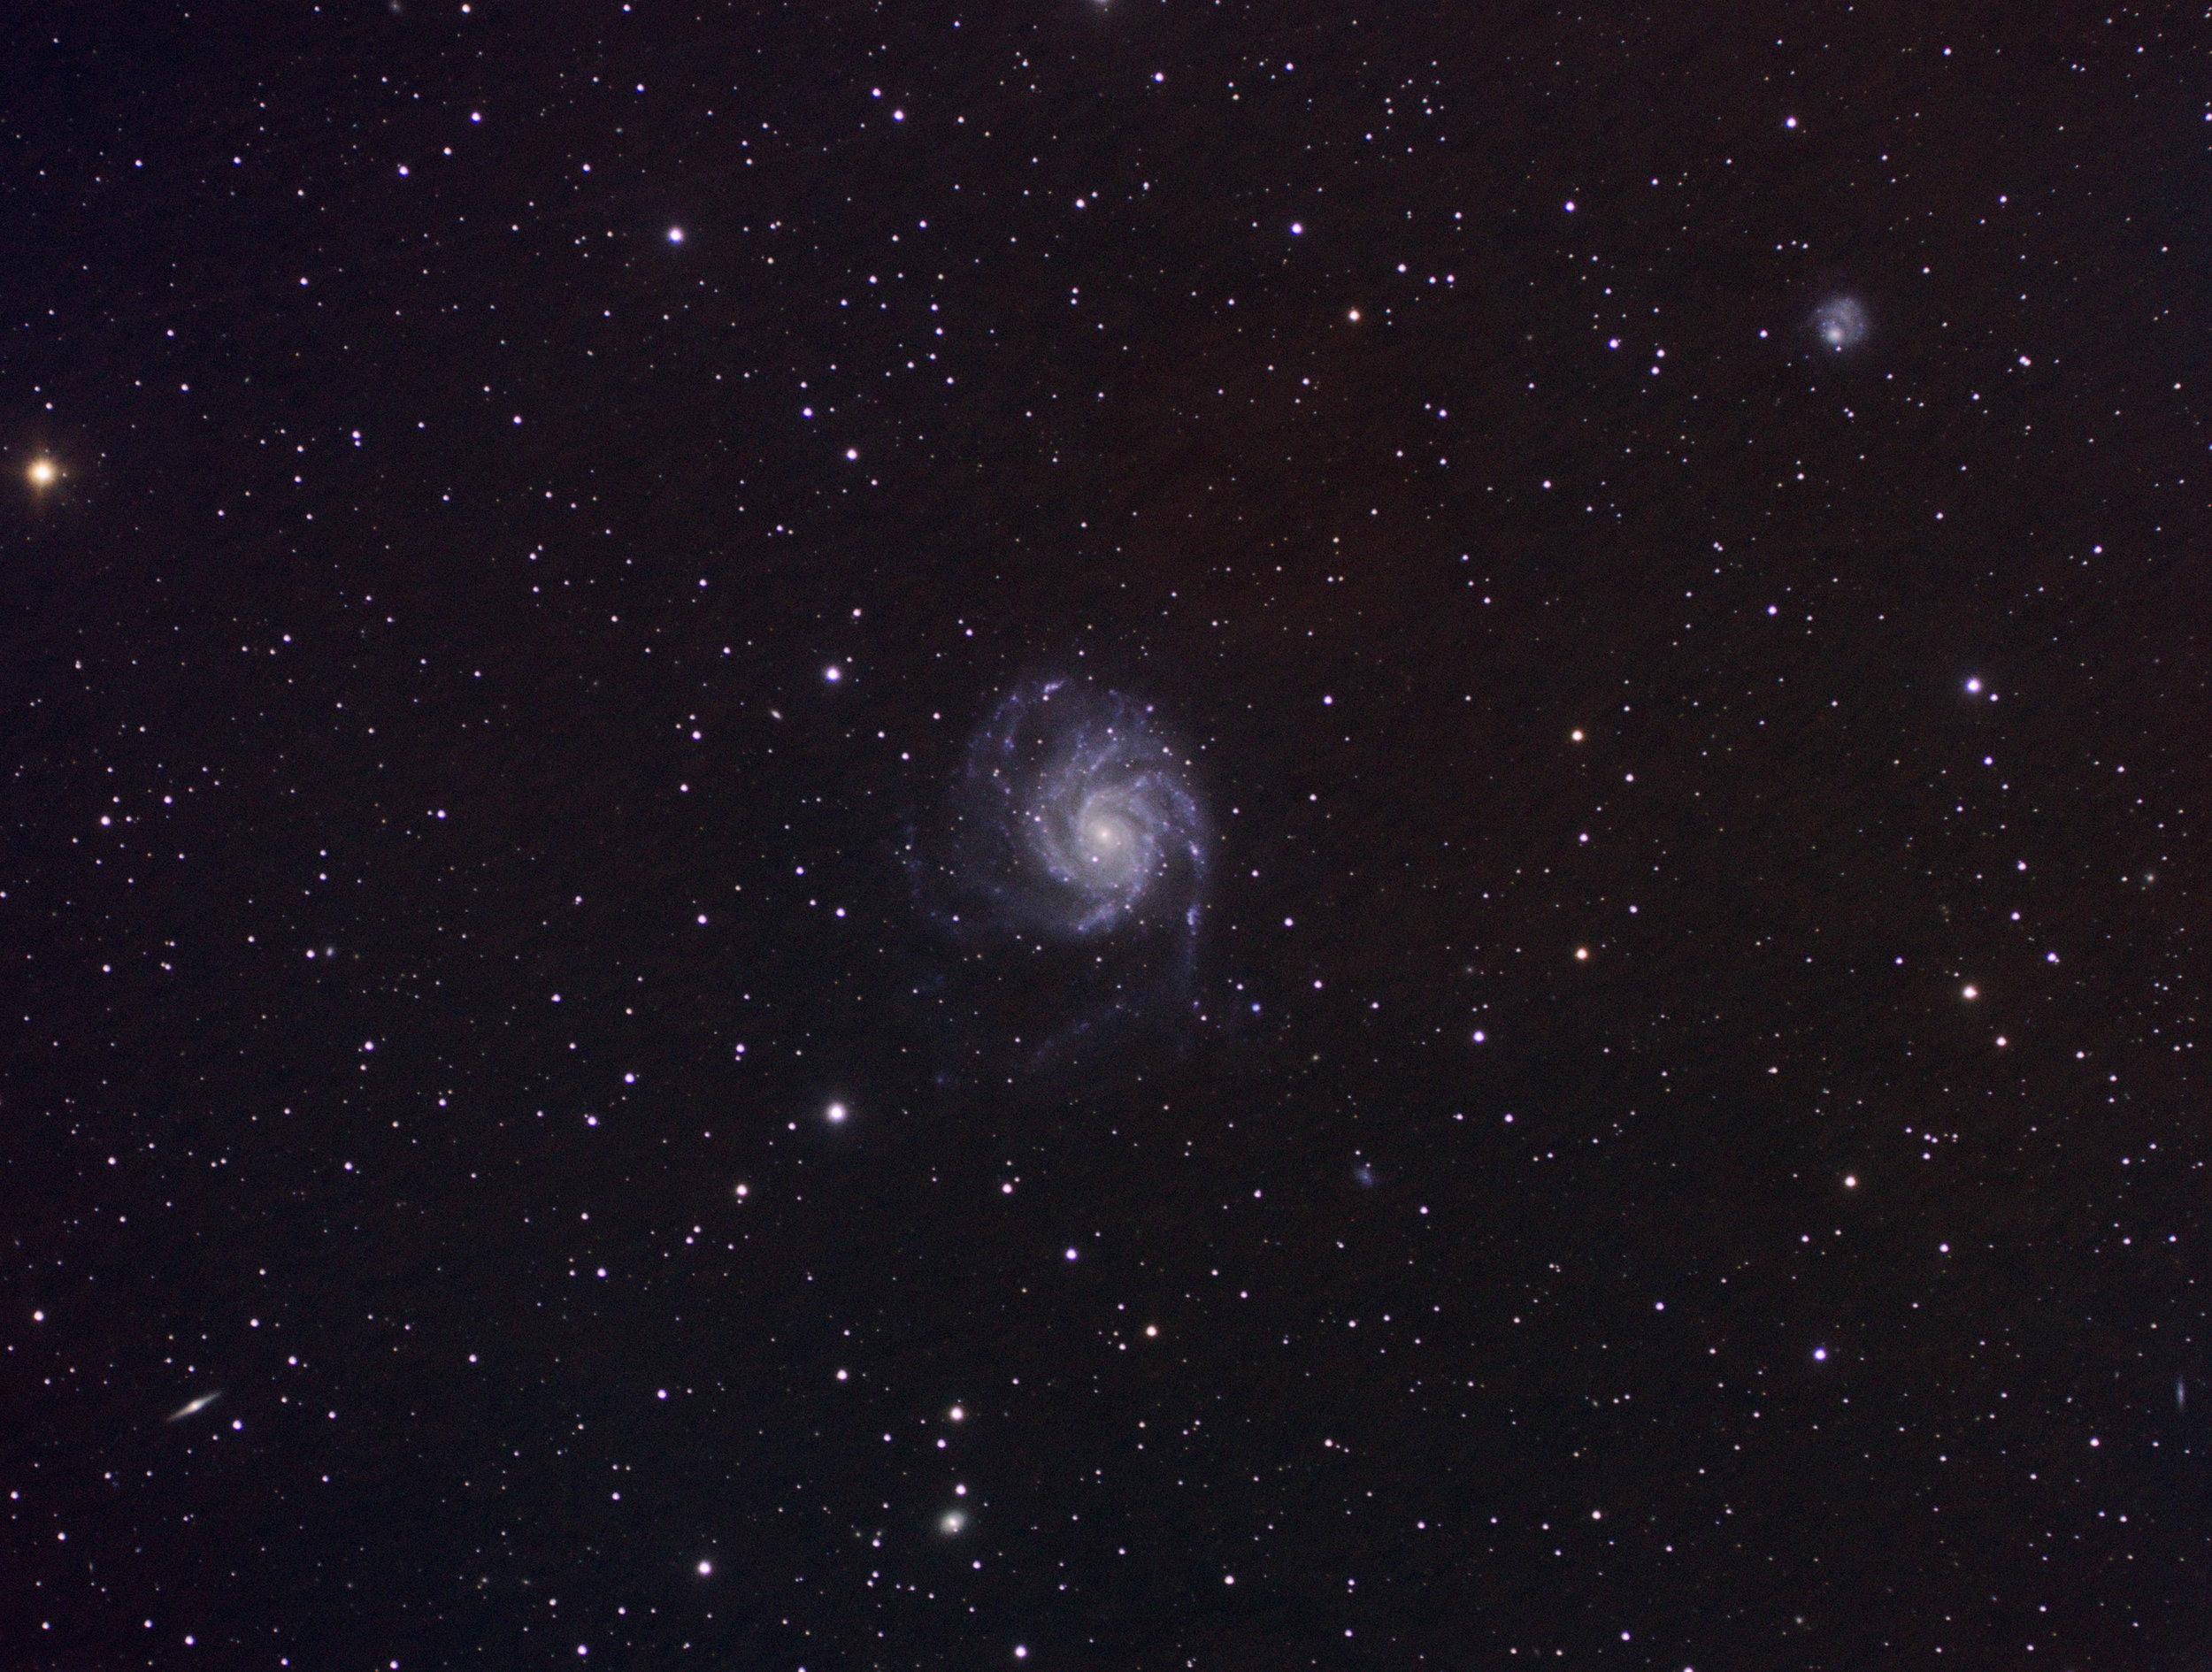 Frühling - Jahreszeit für Galaxien (Apetlon 2019)  M 101 - Pinwheel Galaxy (Feuerrad Galaxie)